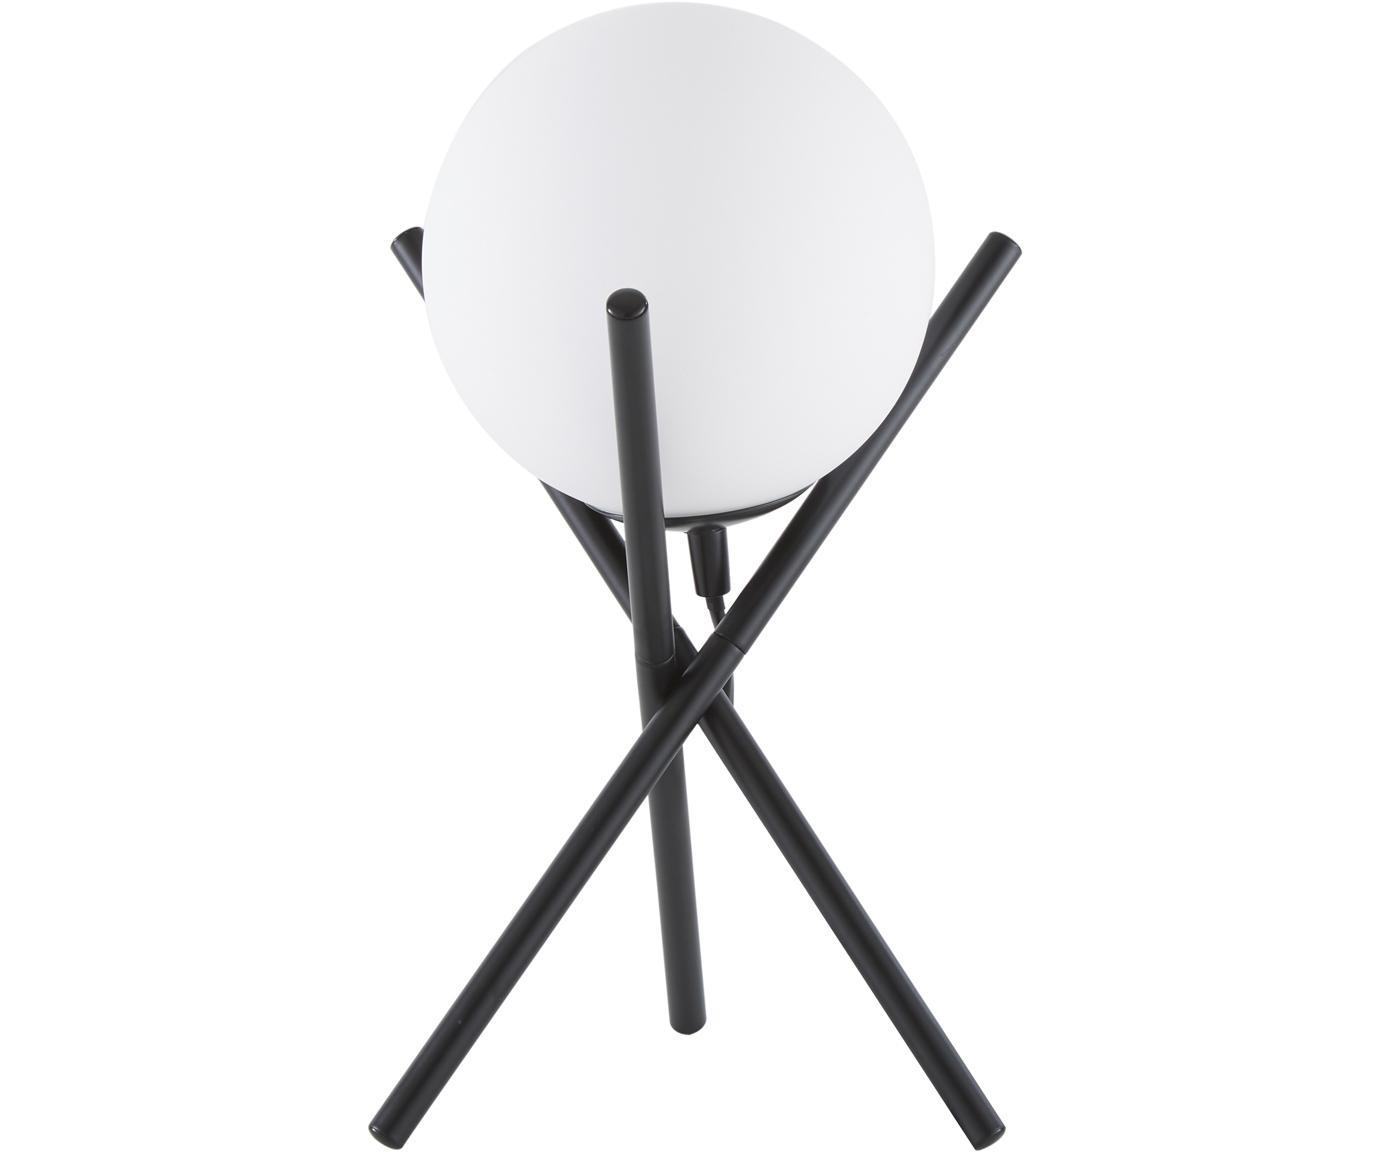 Tripod Tischleuchte Erik mit Glasschirm, Lampenschirm: Glas, Lampenfuß: Metall, pulverbeschichtet, Weiß, Schwarz, Ø 15 x H 33 cm